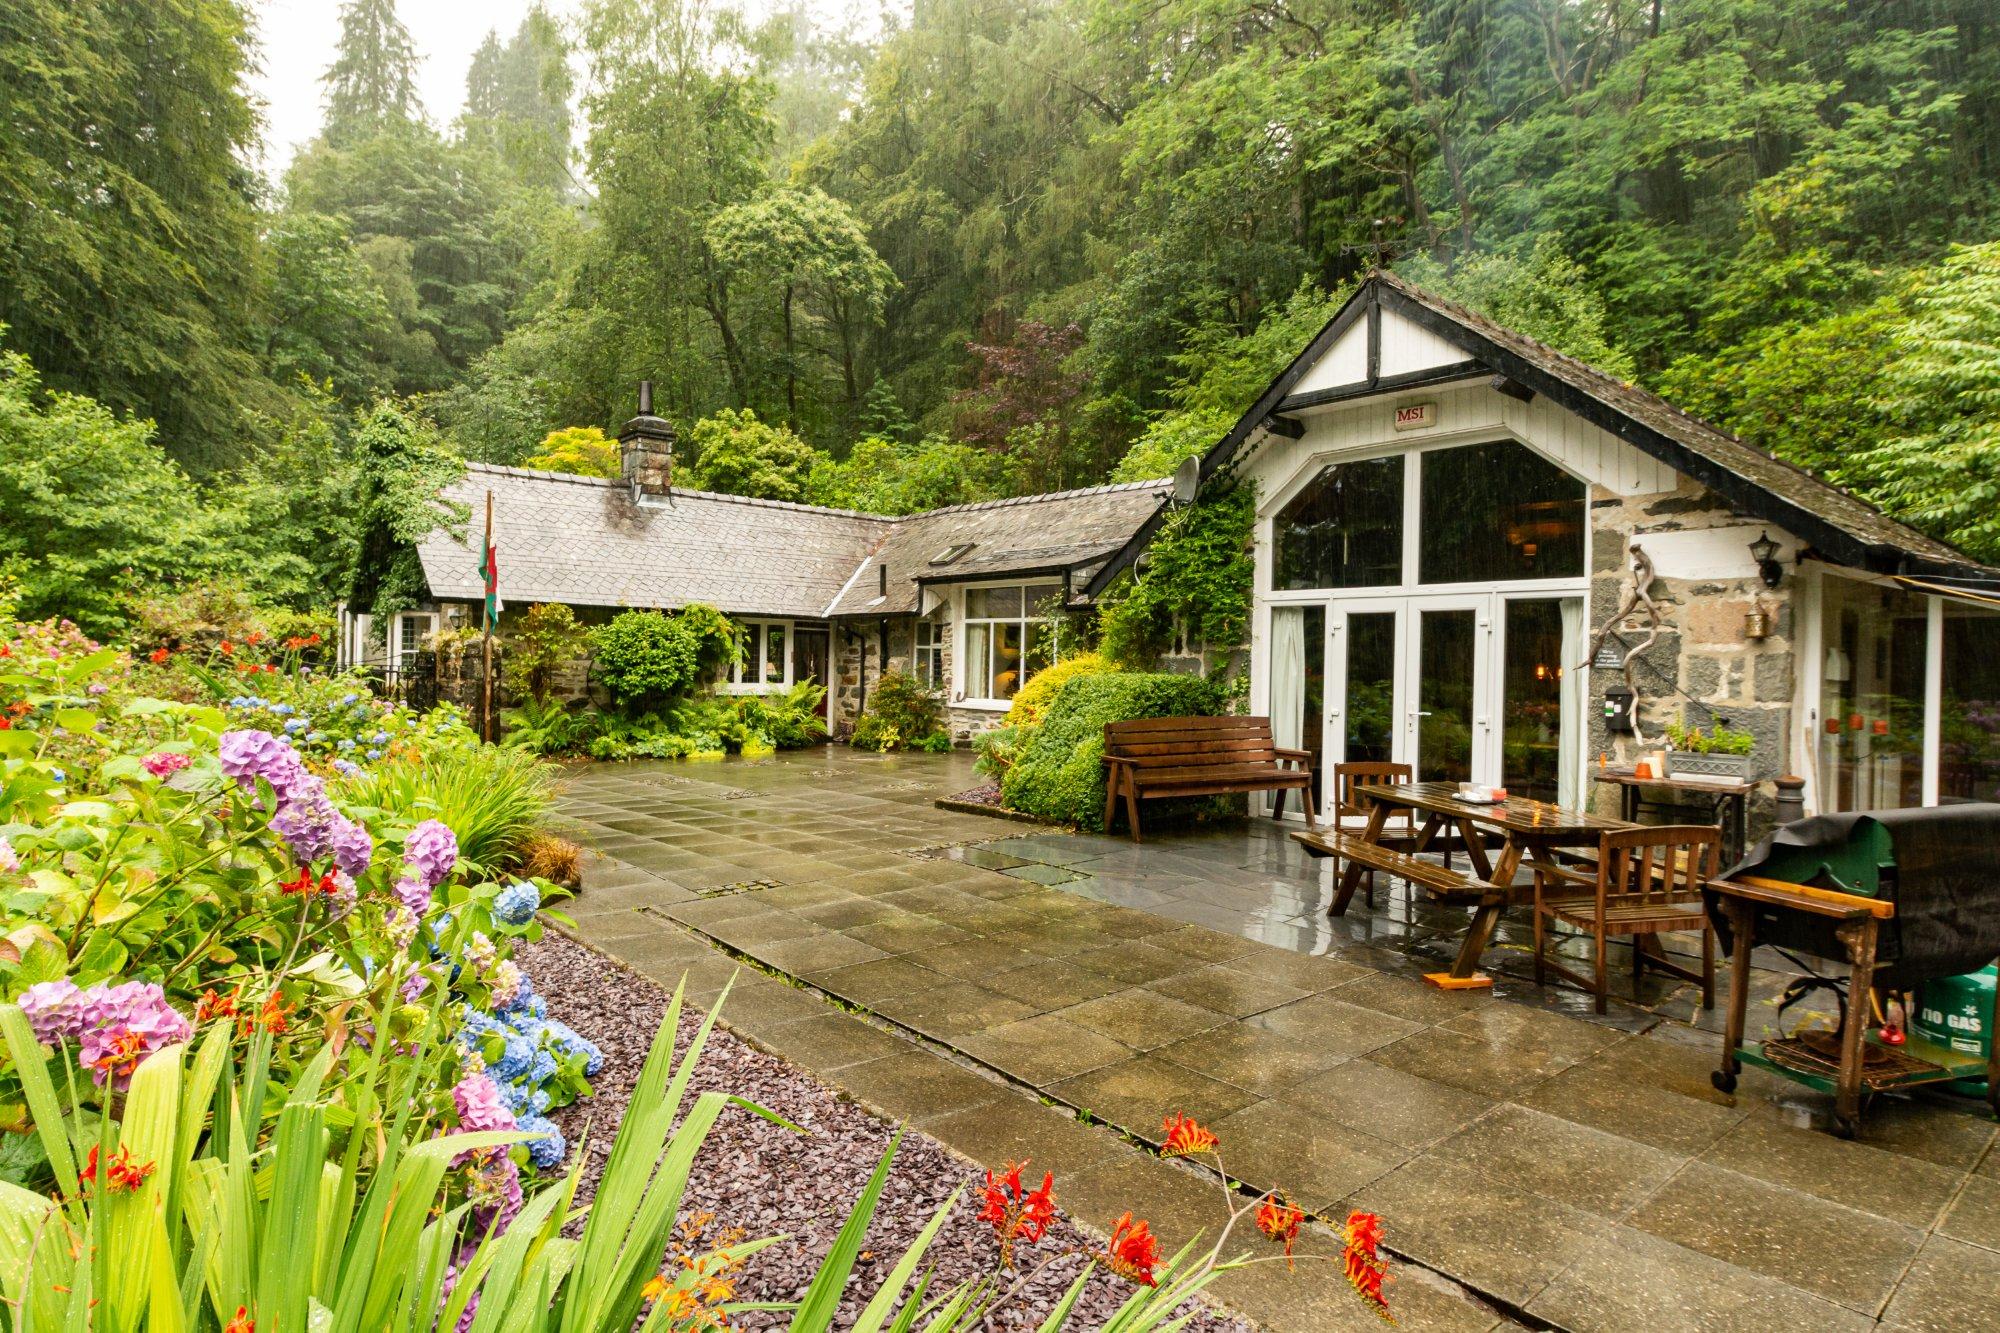 Beddgelert, Gwynedd North Wales